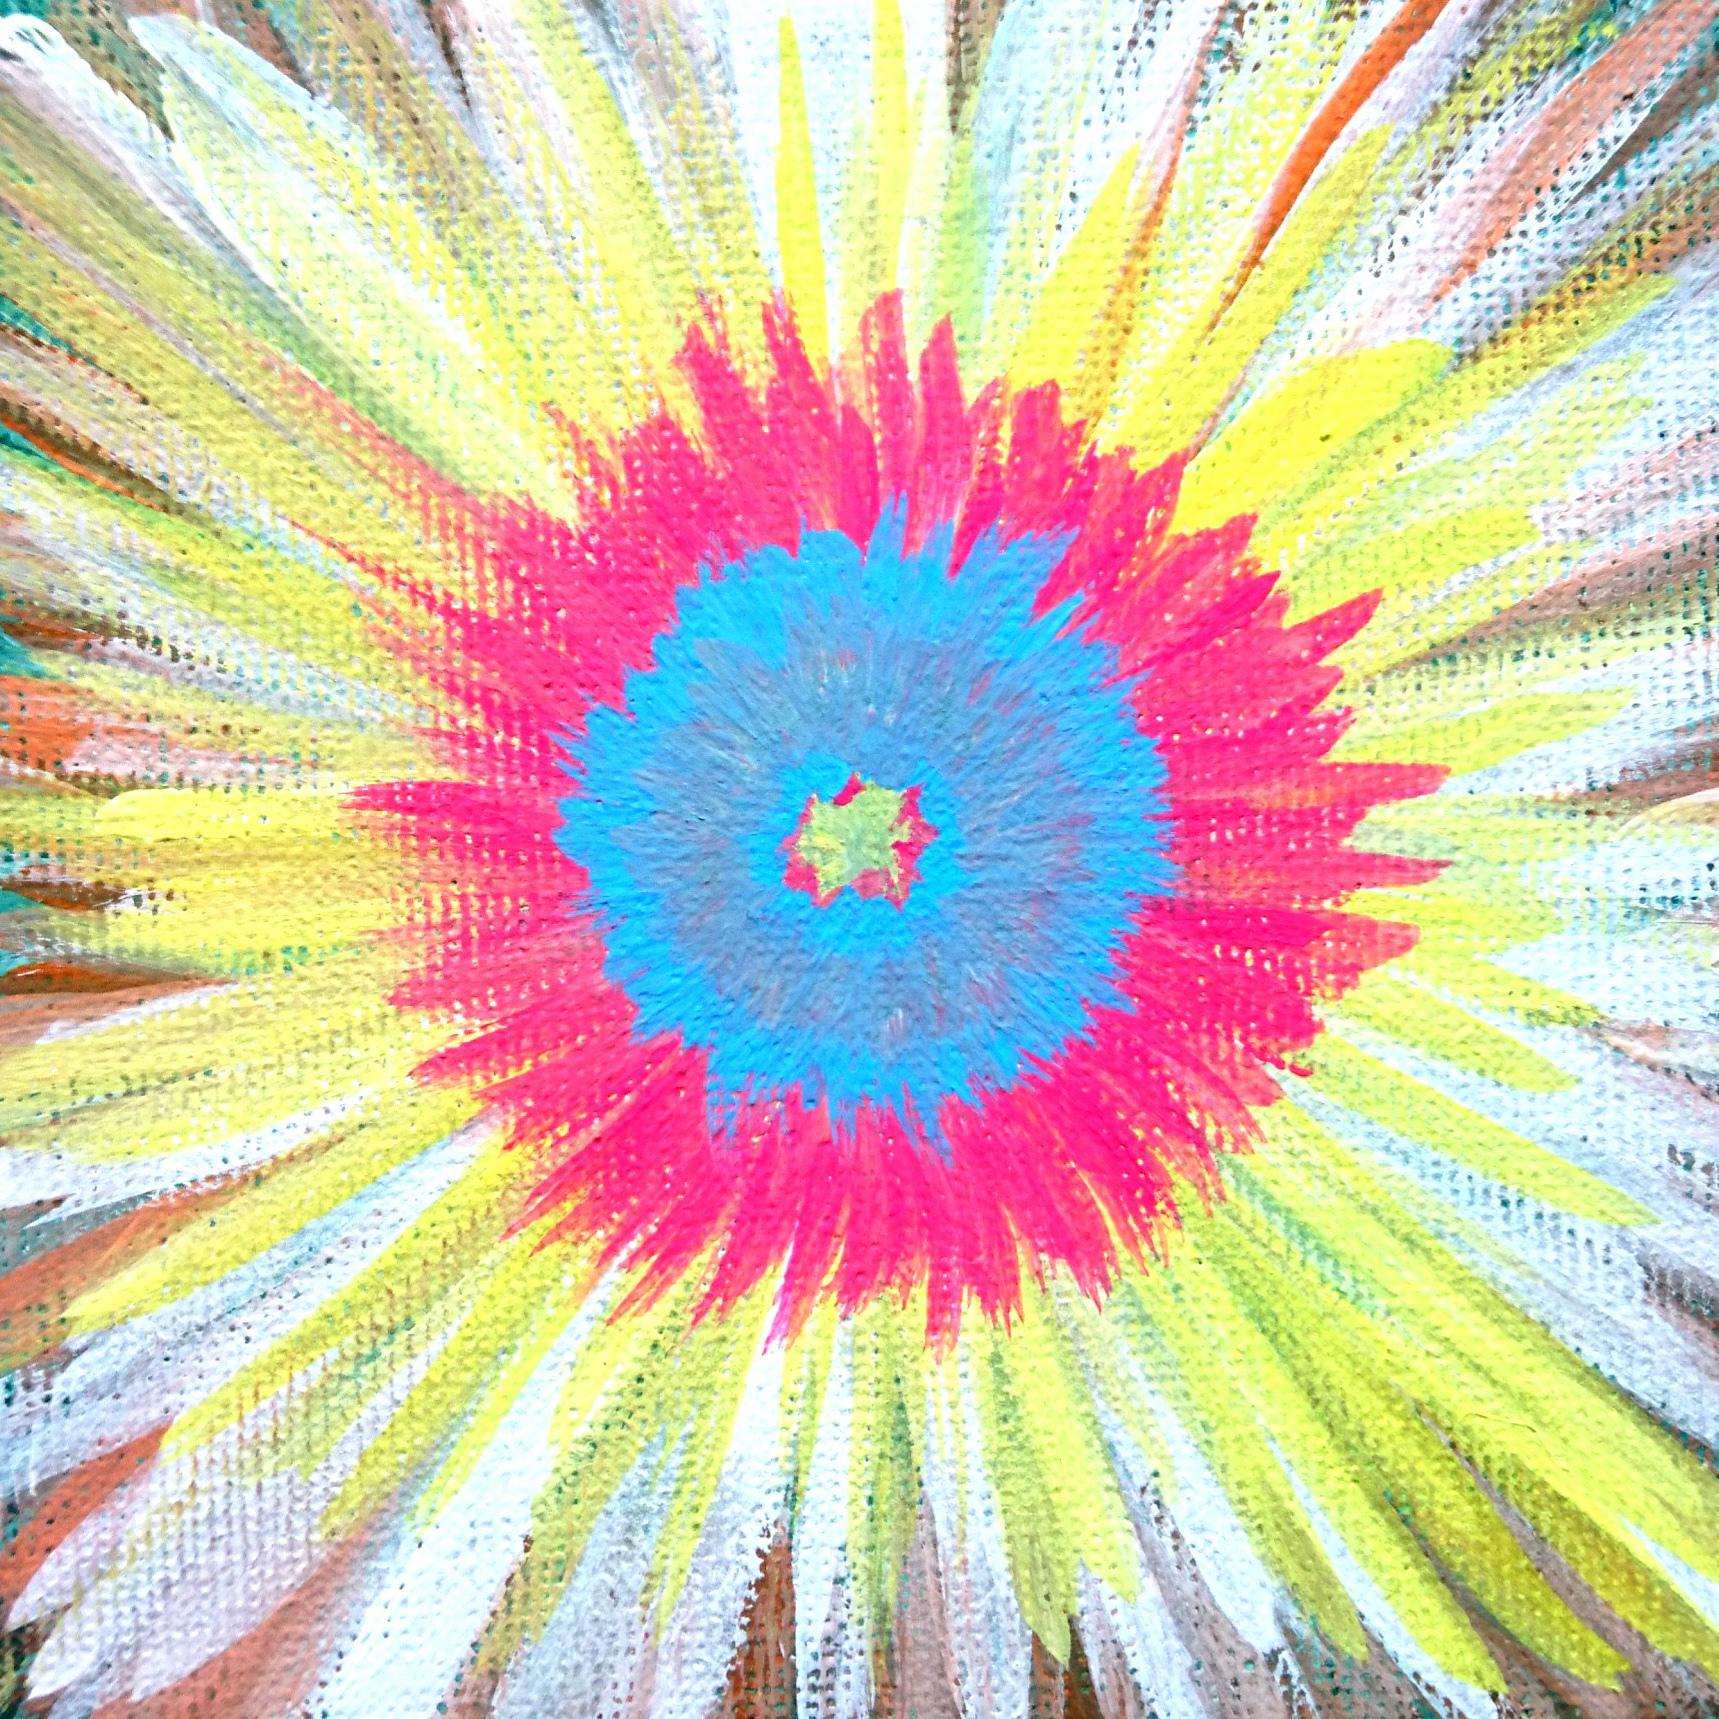 絵画 インテリア アートパネル 雑貨 壁掛け 置物 おしゃれ 抽象画 ロココロ 画家 : ごま 作品 : はじまりのとき。